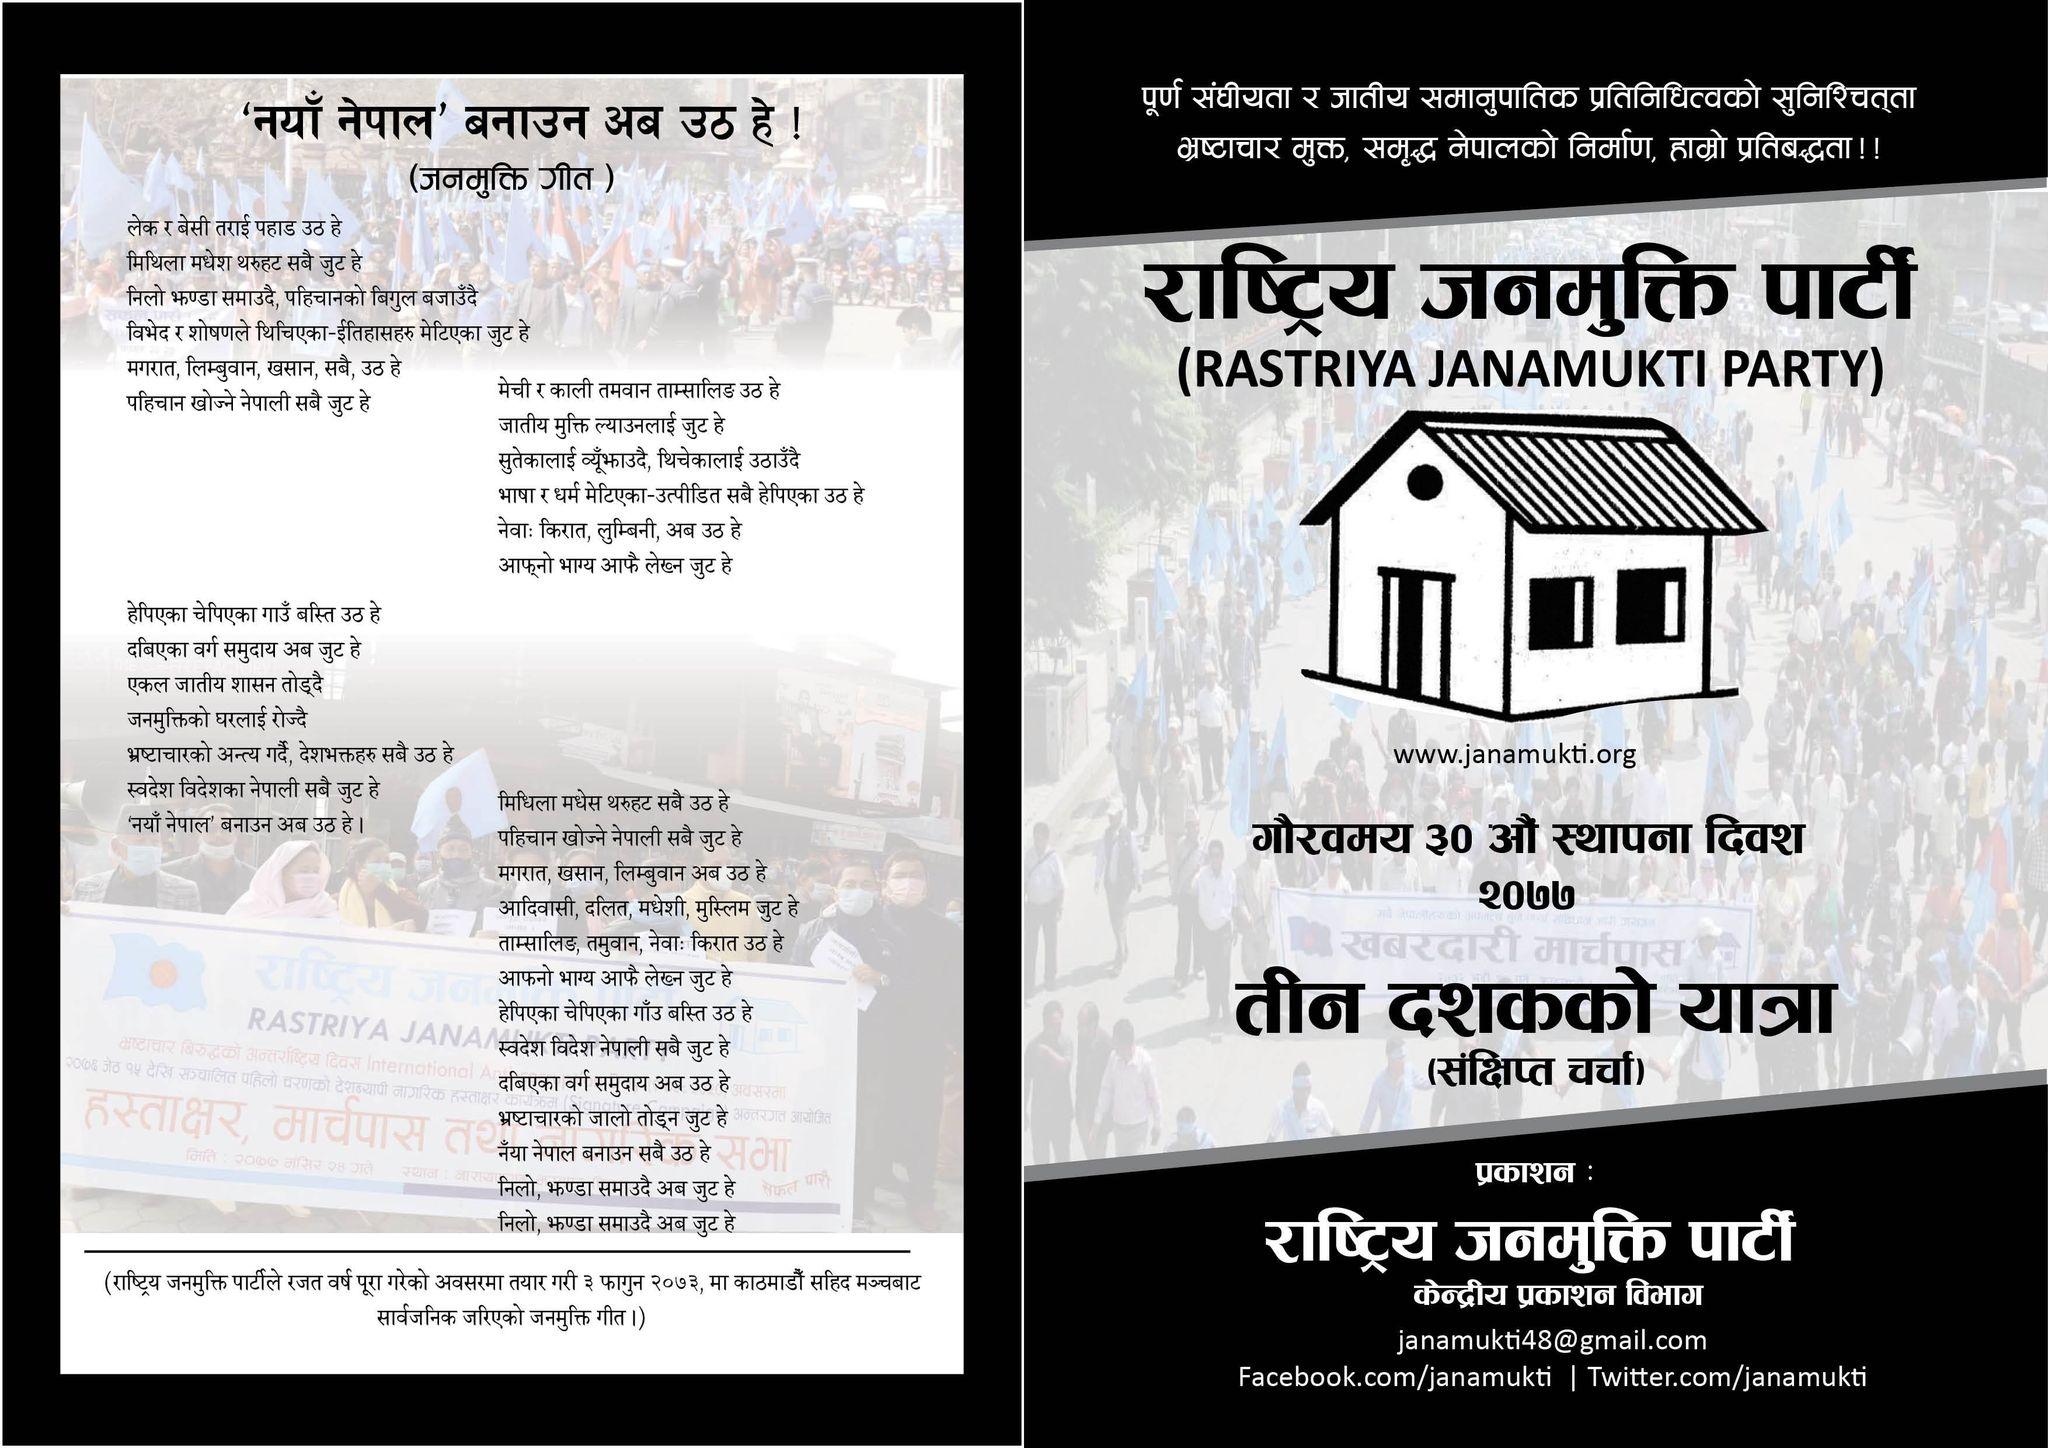 'नयाँ' नेपाल बनाउन अब उठ हे । (जनमुक्ति गीतसहित भिडियोमा )